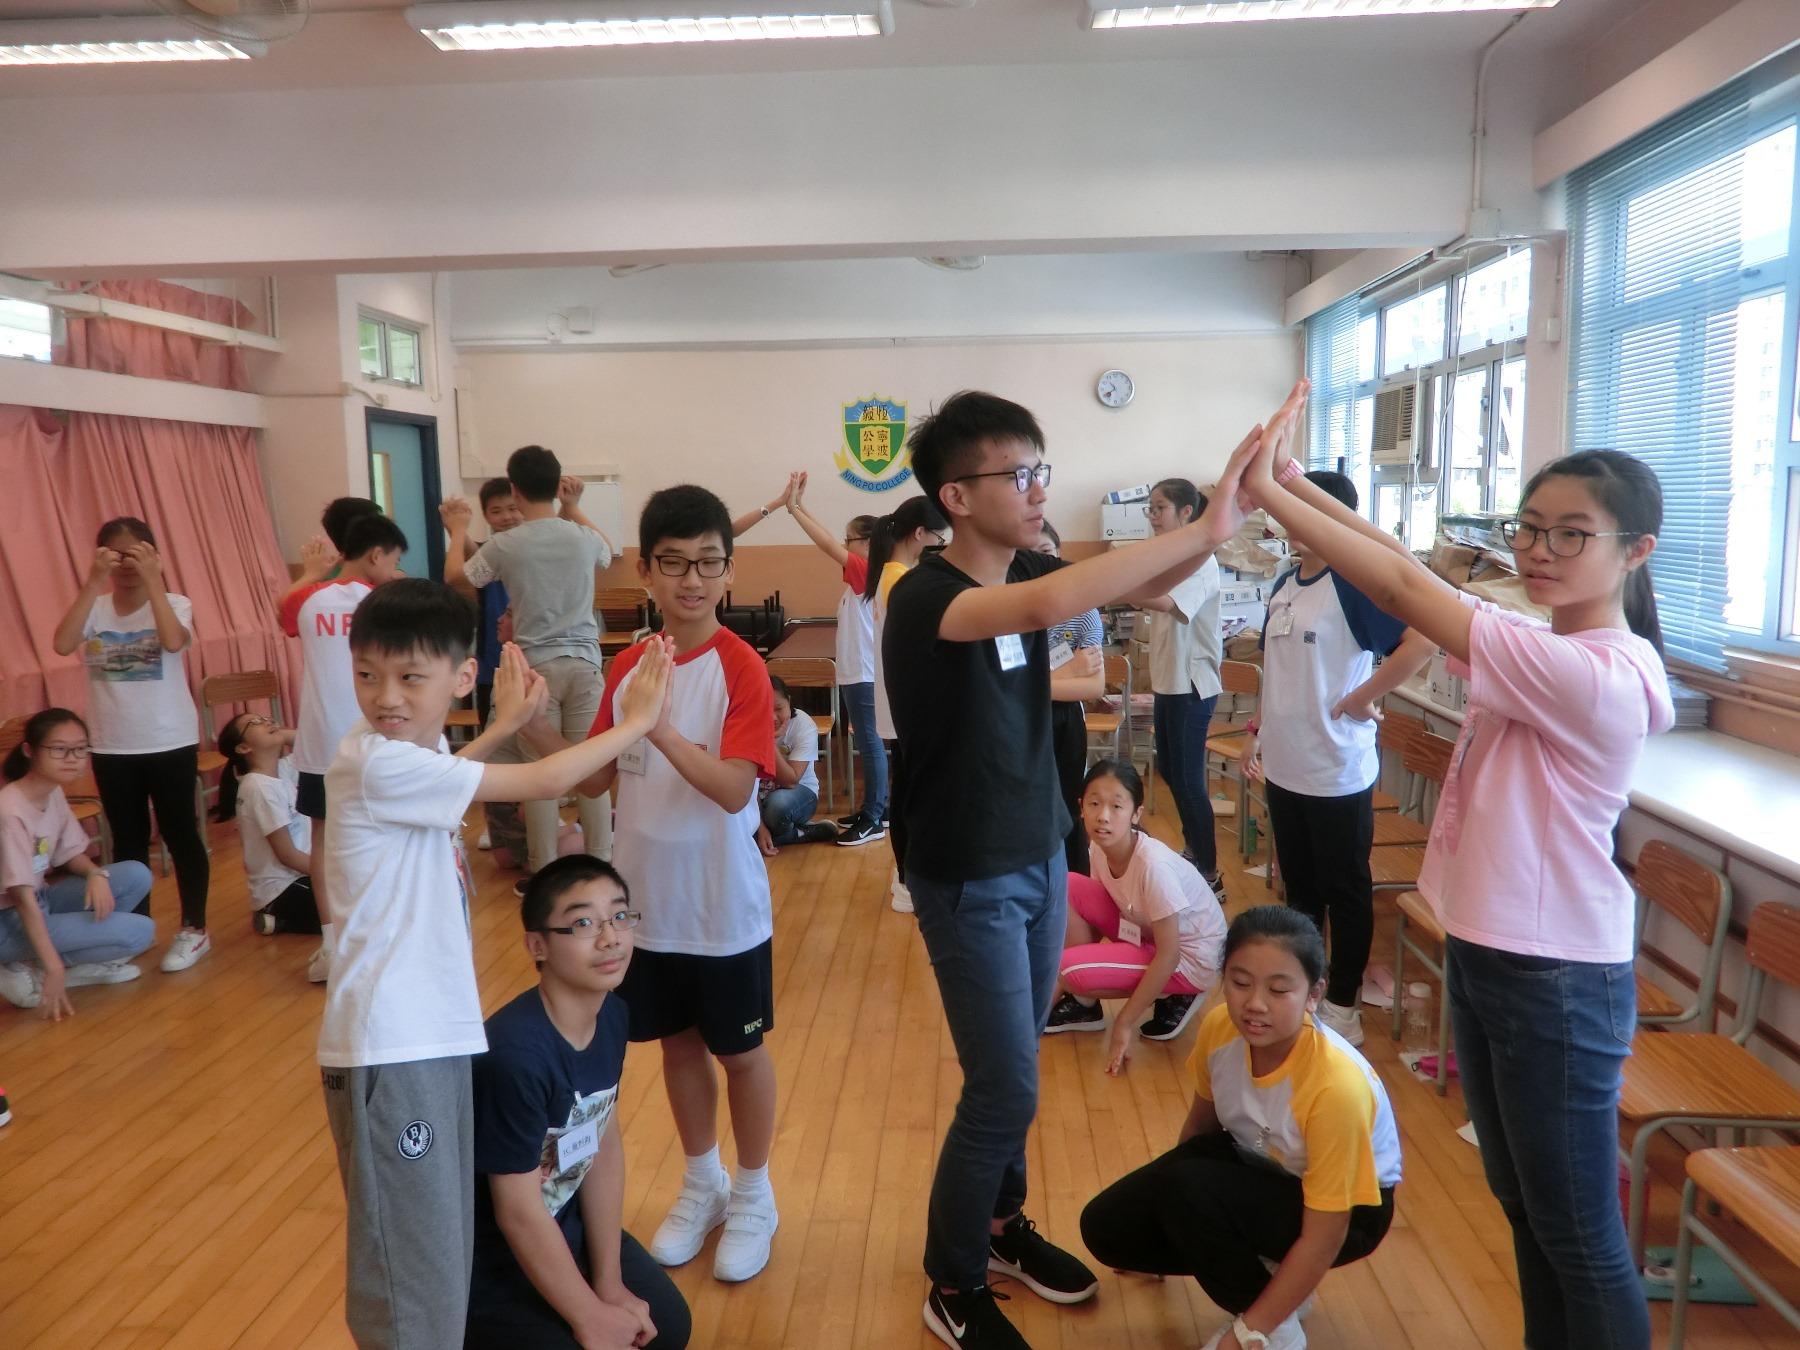 http://npc.edu.hk/sites/default/files/1c_zhong_zhi_cheng_cheng_04.jpg